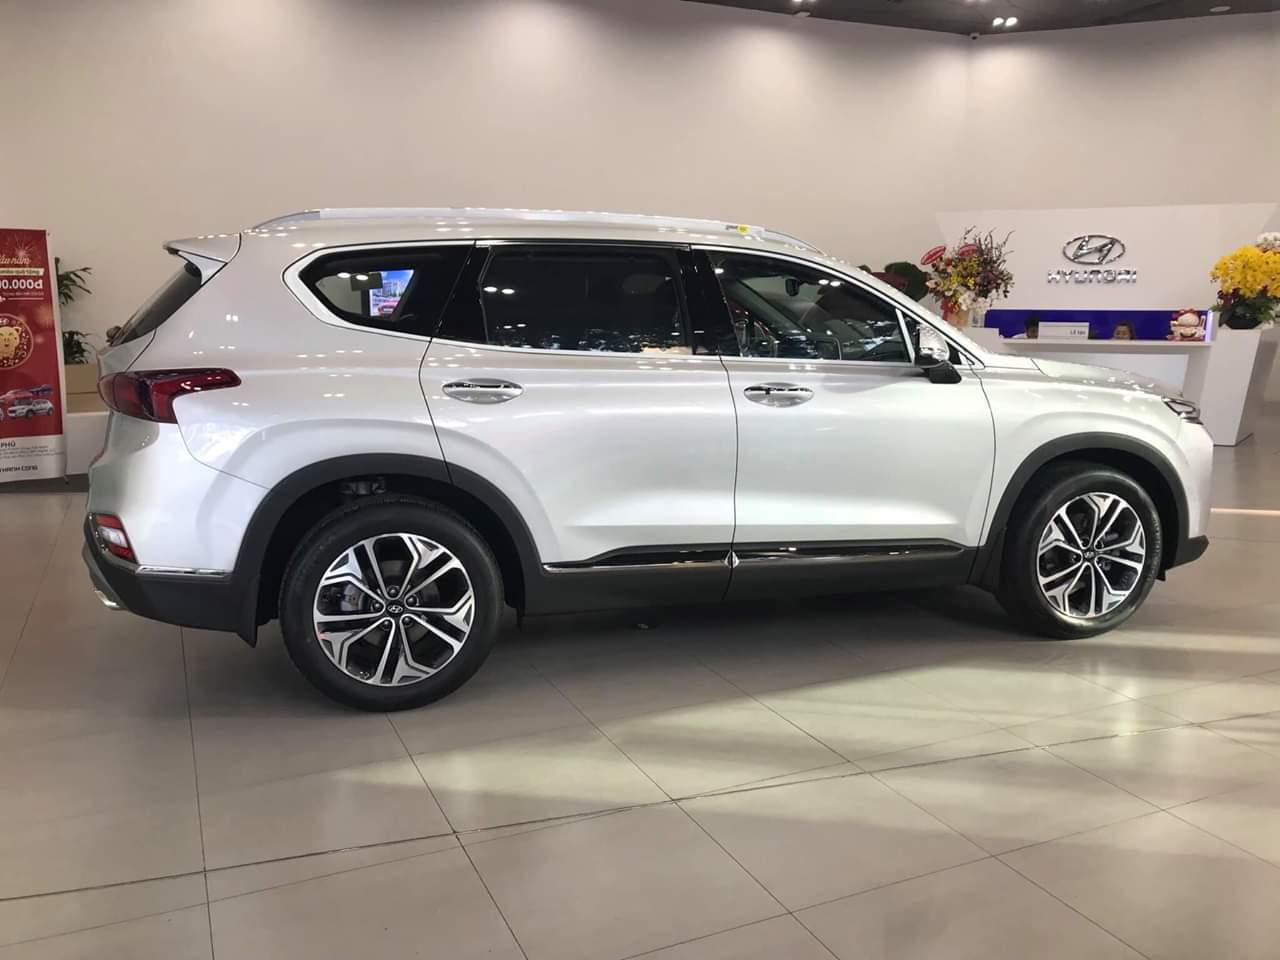 Hyundai santafe 2.4 xăng đặc biệt 2019 (4)